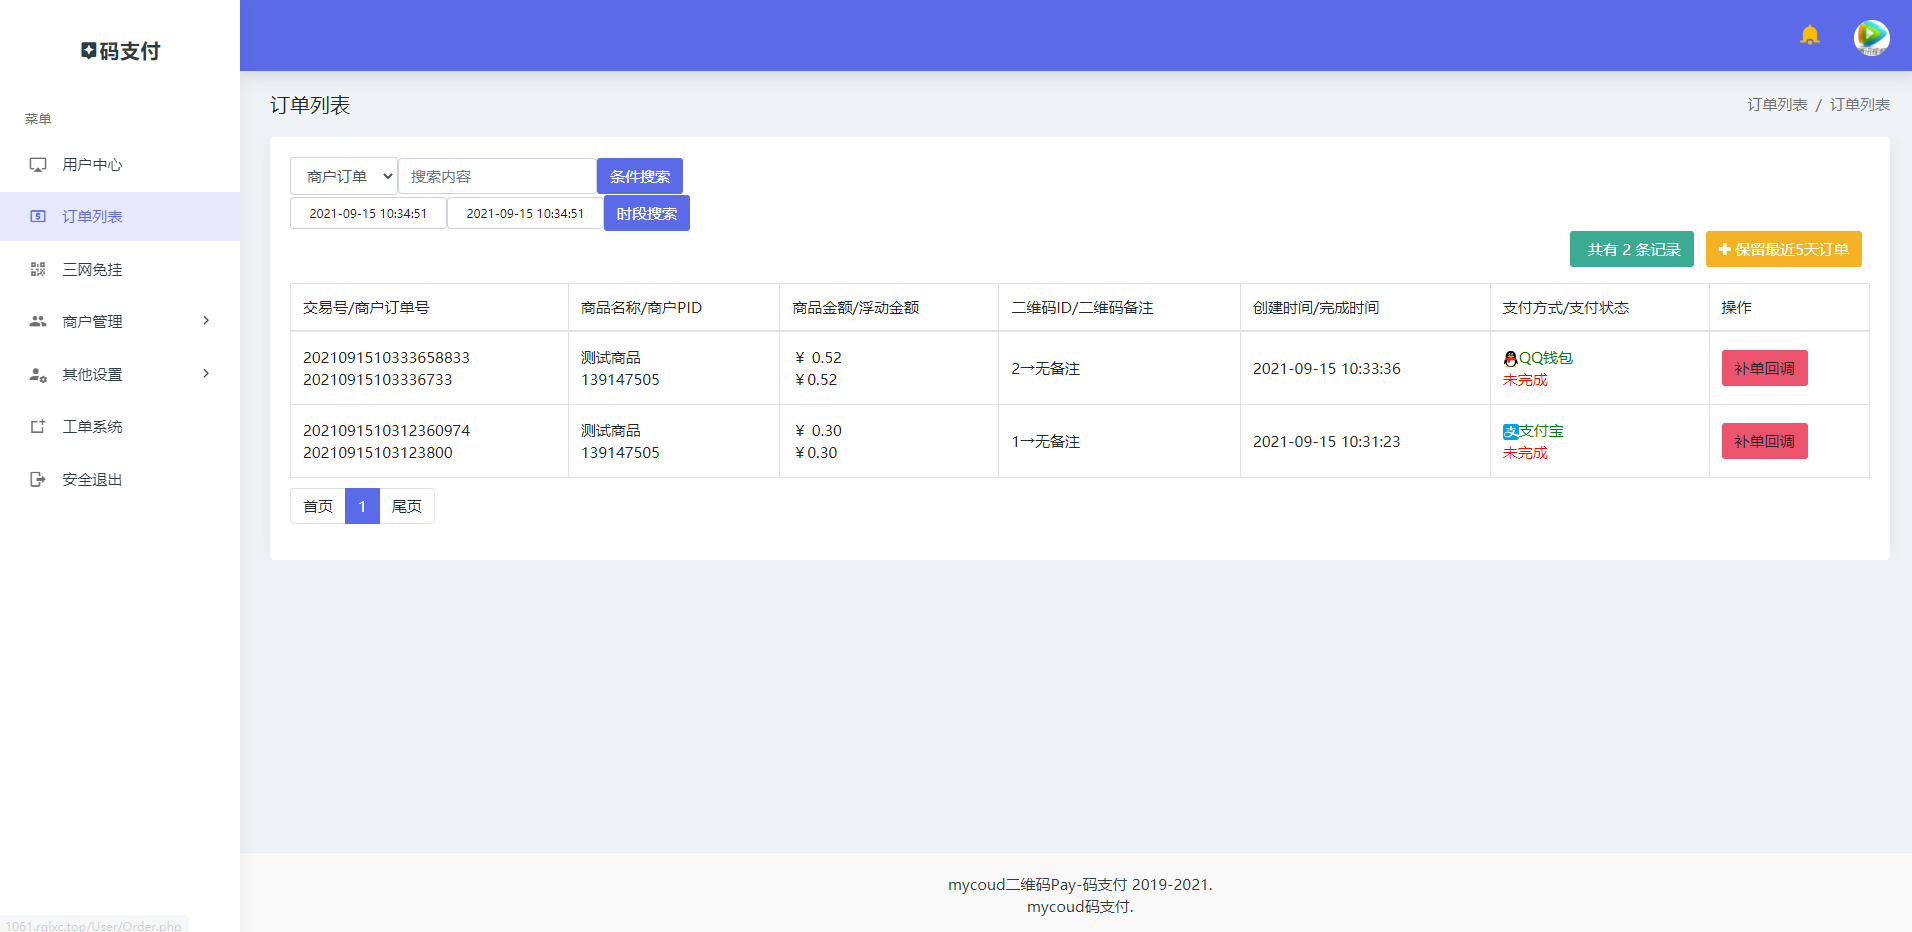 三网免挂码支付系统软件/二维码收款免签支付/全开源系统1.2版本号插图1